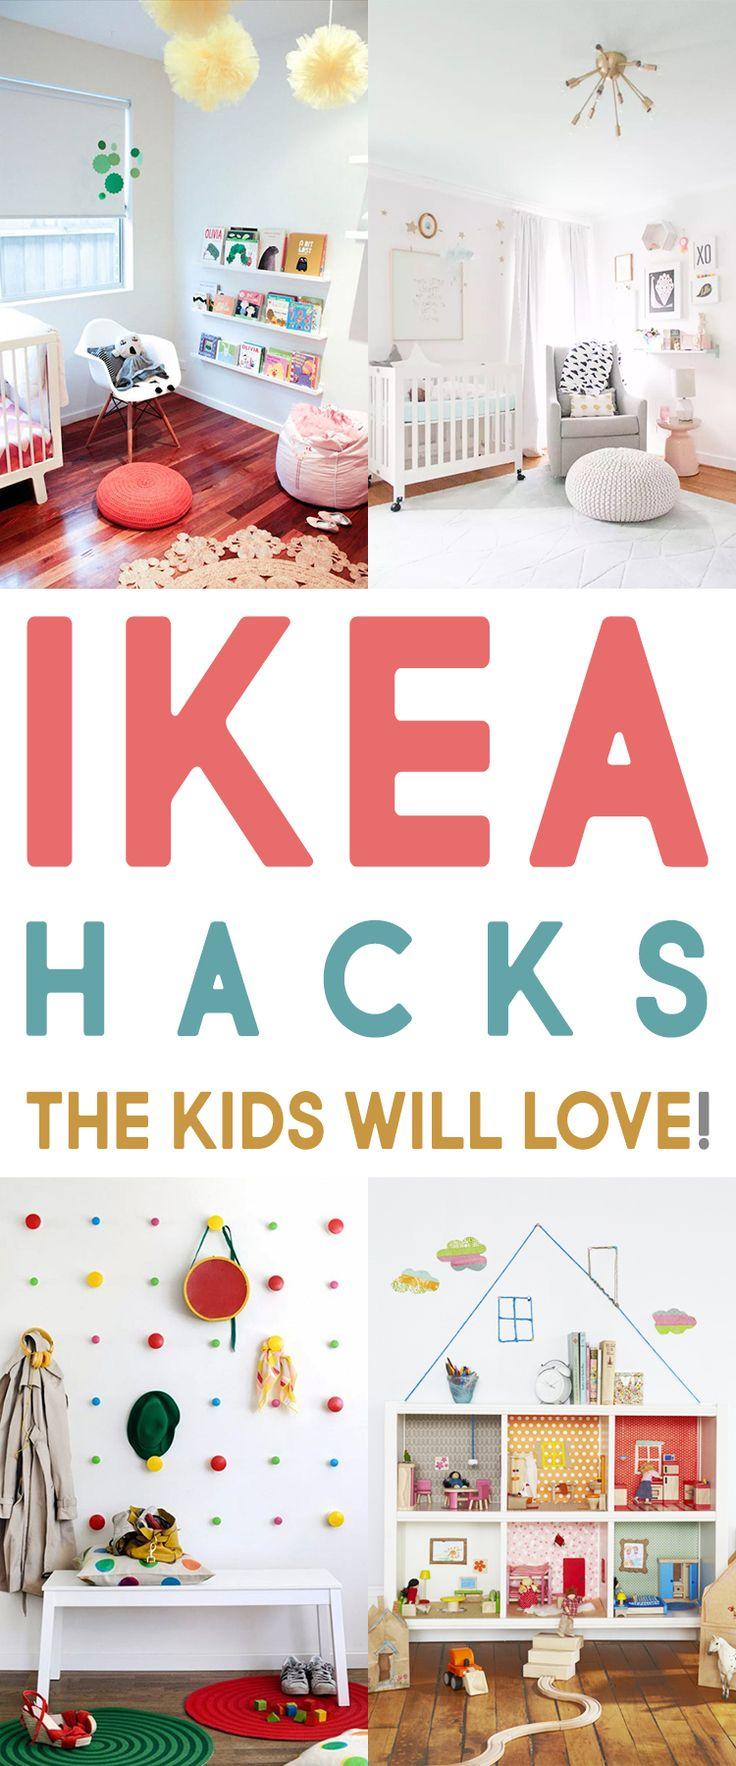 IKEA Hacks die Kinder werden es lieben